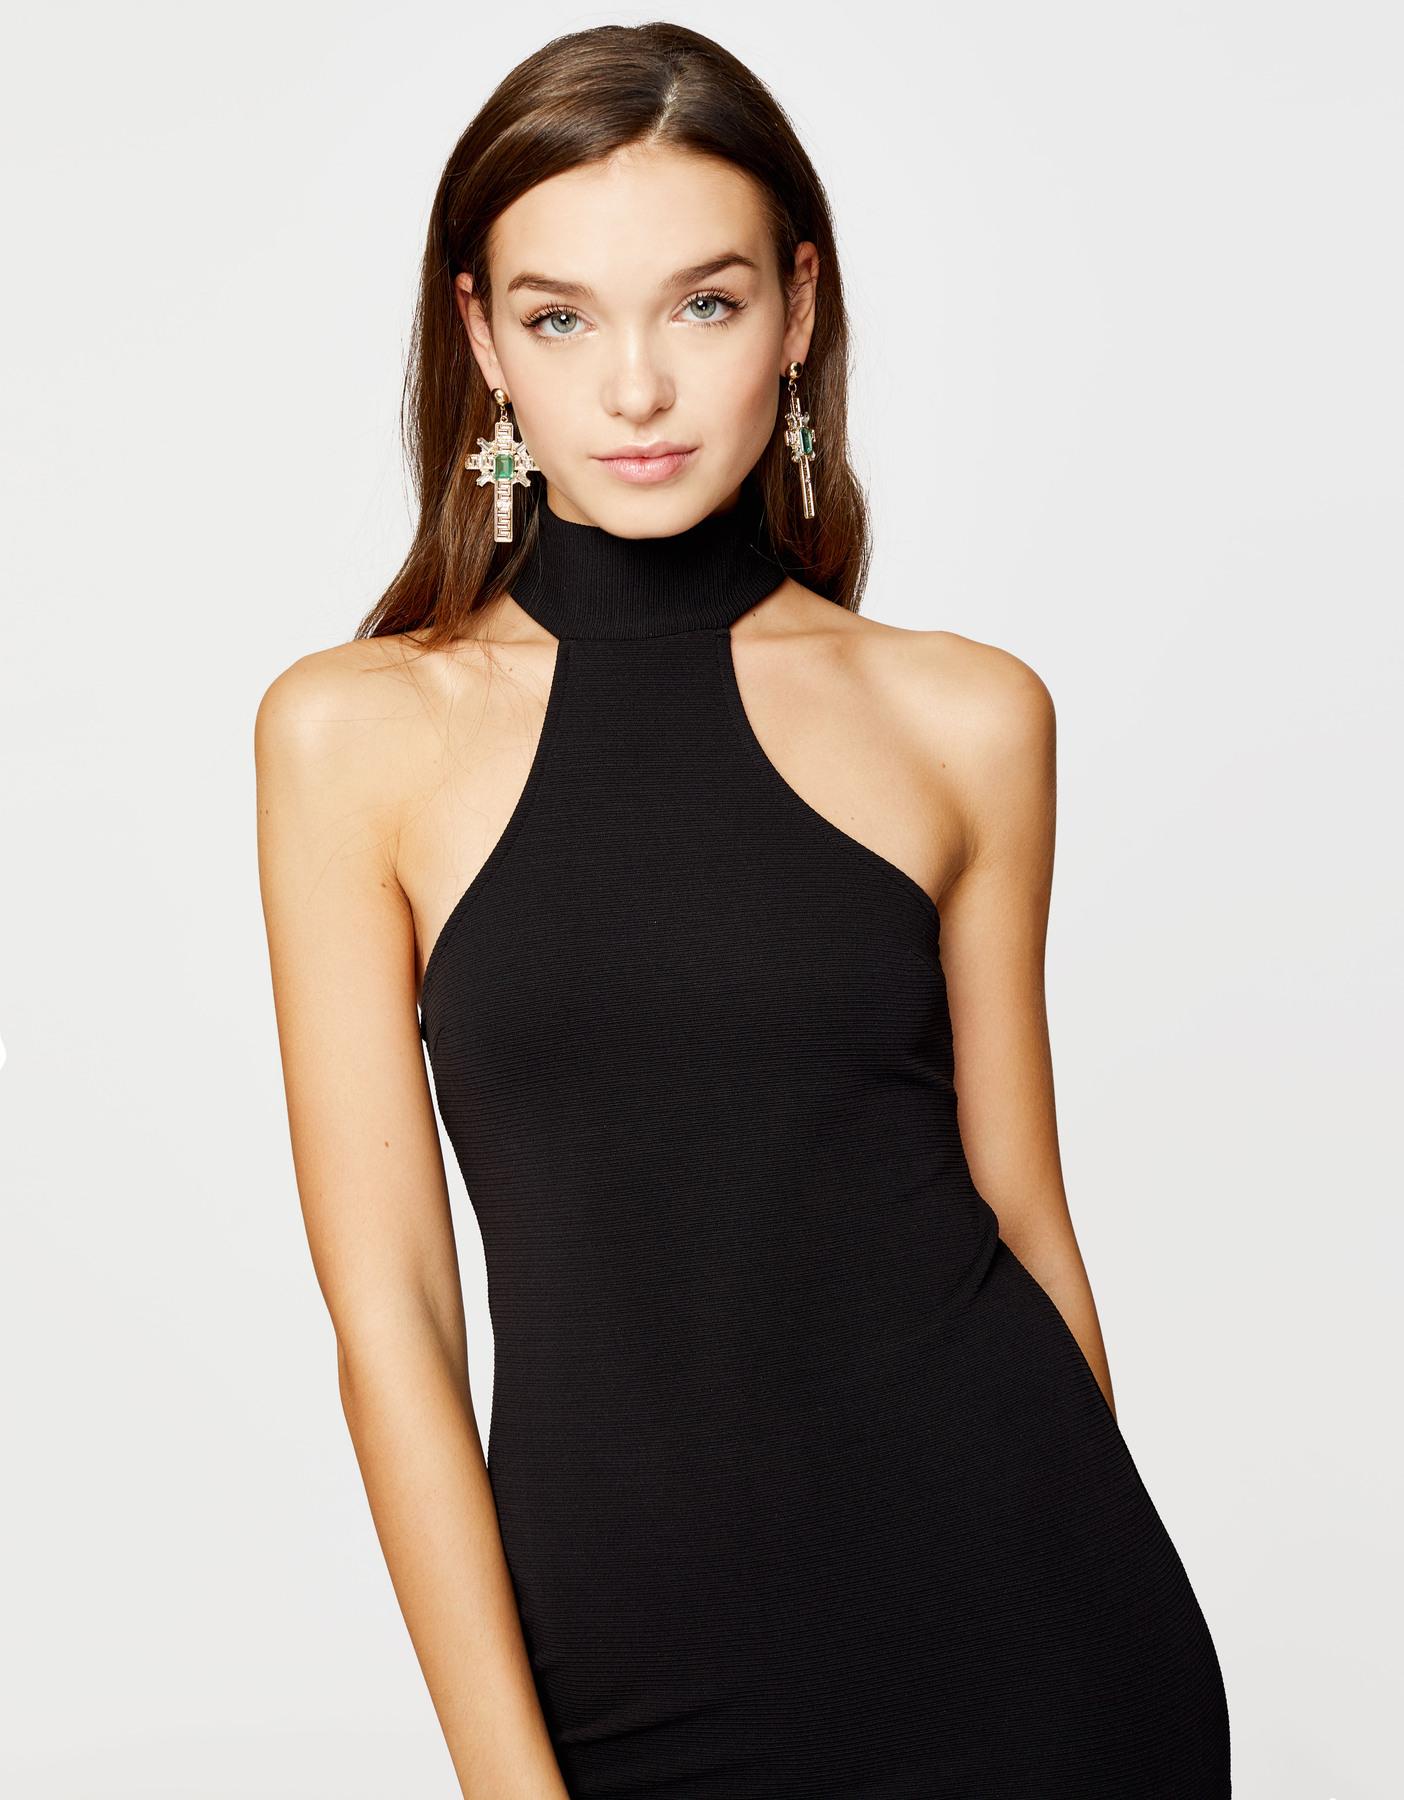 10 Fantastisch Schwarzes Ärmelloses Kleid Vertrieb10 Kreativ Schwarzes Ärmelloses Kleid Ärmel